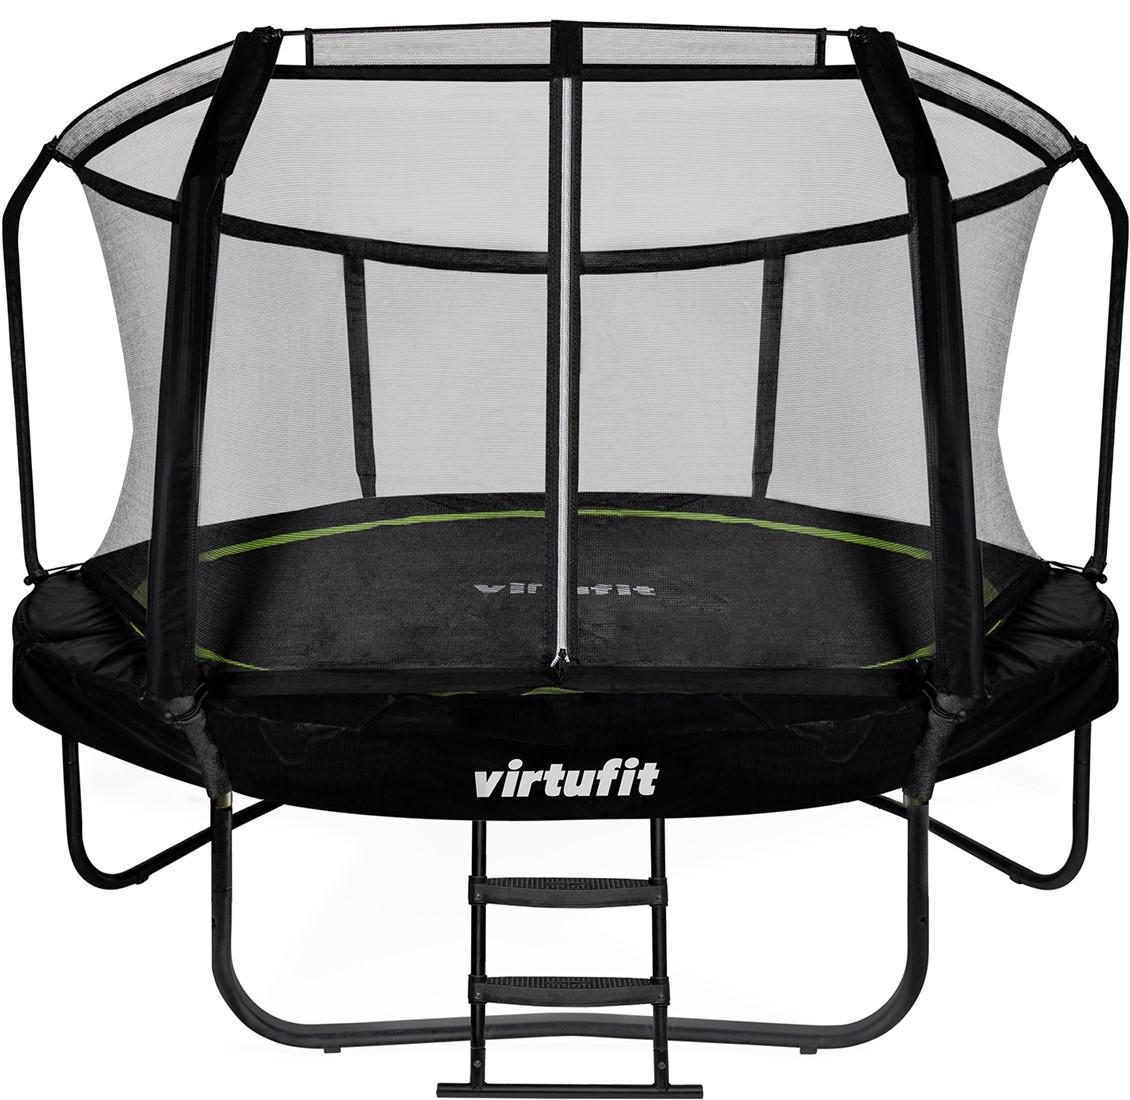 1. VirtuFit Premium Trampoline met Veiligheidsnet - Zwart - 305 cm